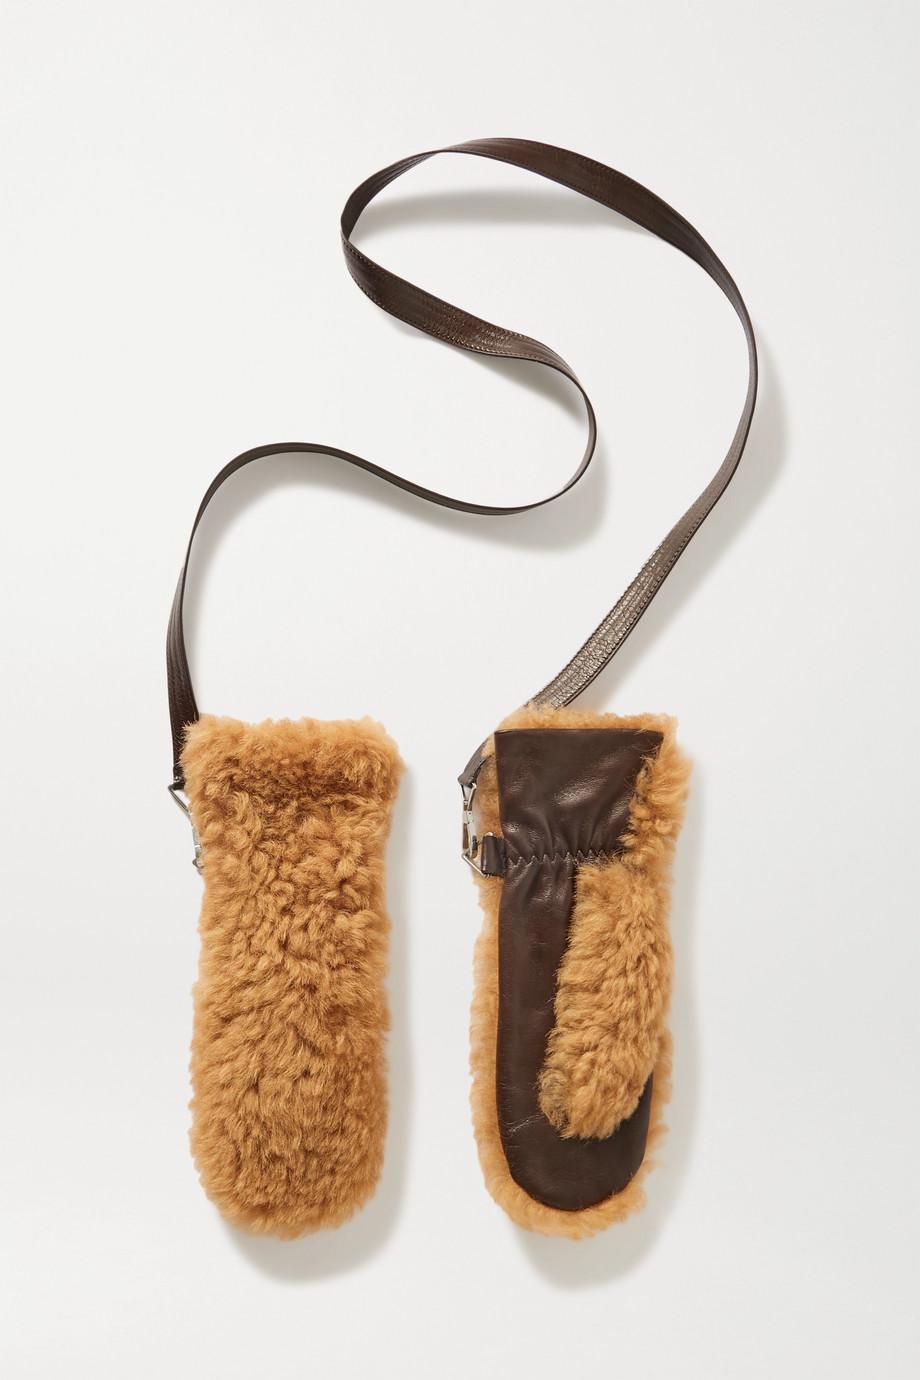 Bottega Veneta Fausthandschuhe aus Shearling und Leder